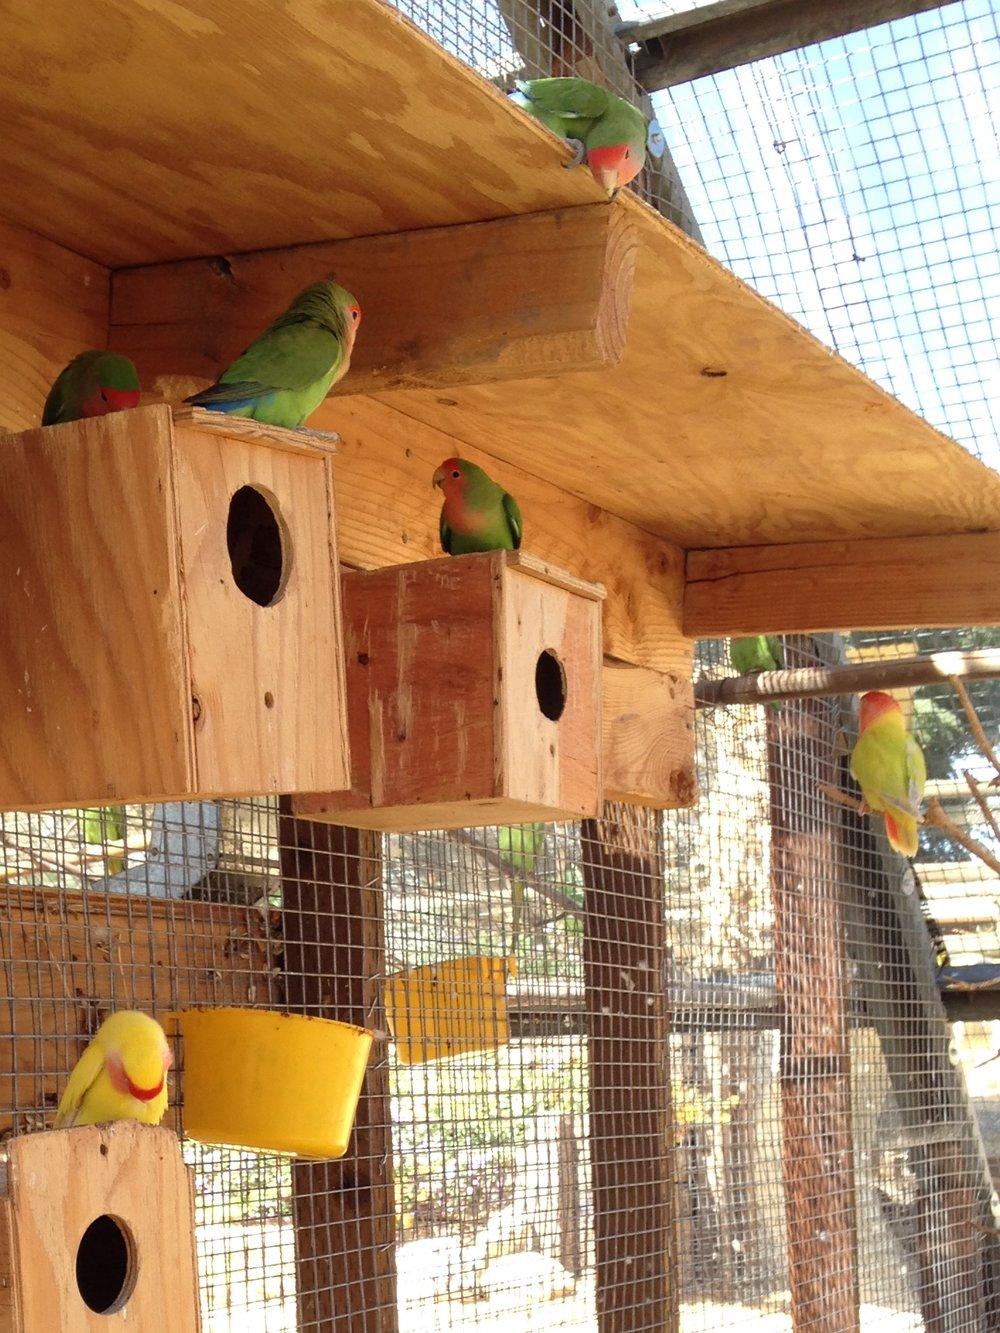 Murray_family_farms_Has_rare_birds_in_their_Family_area.jpg